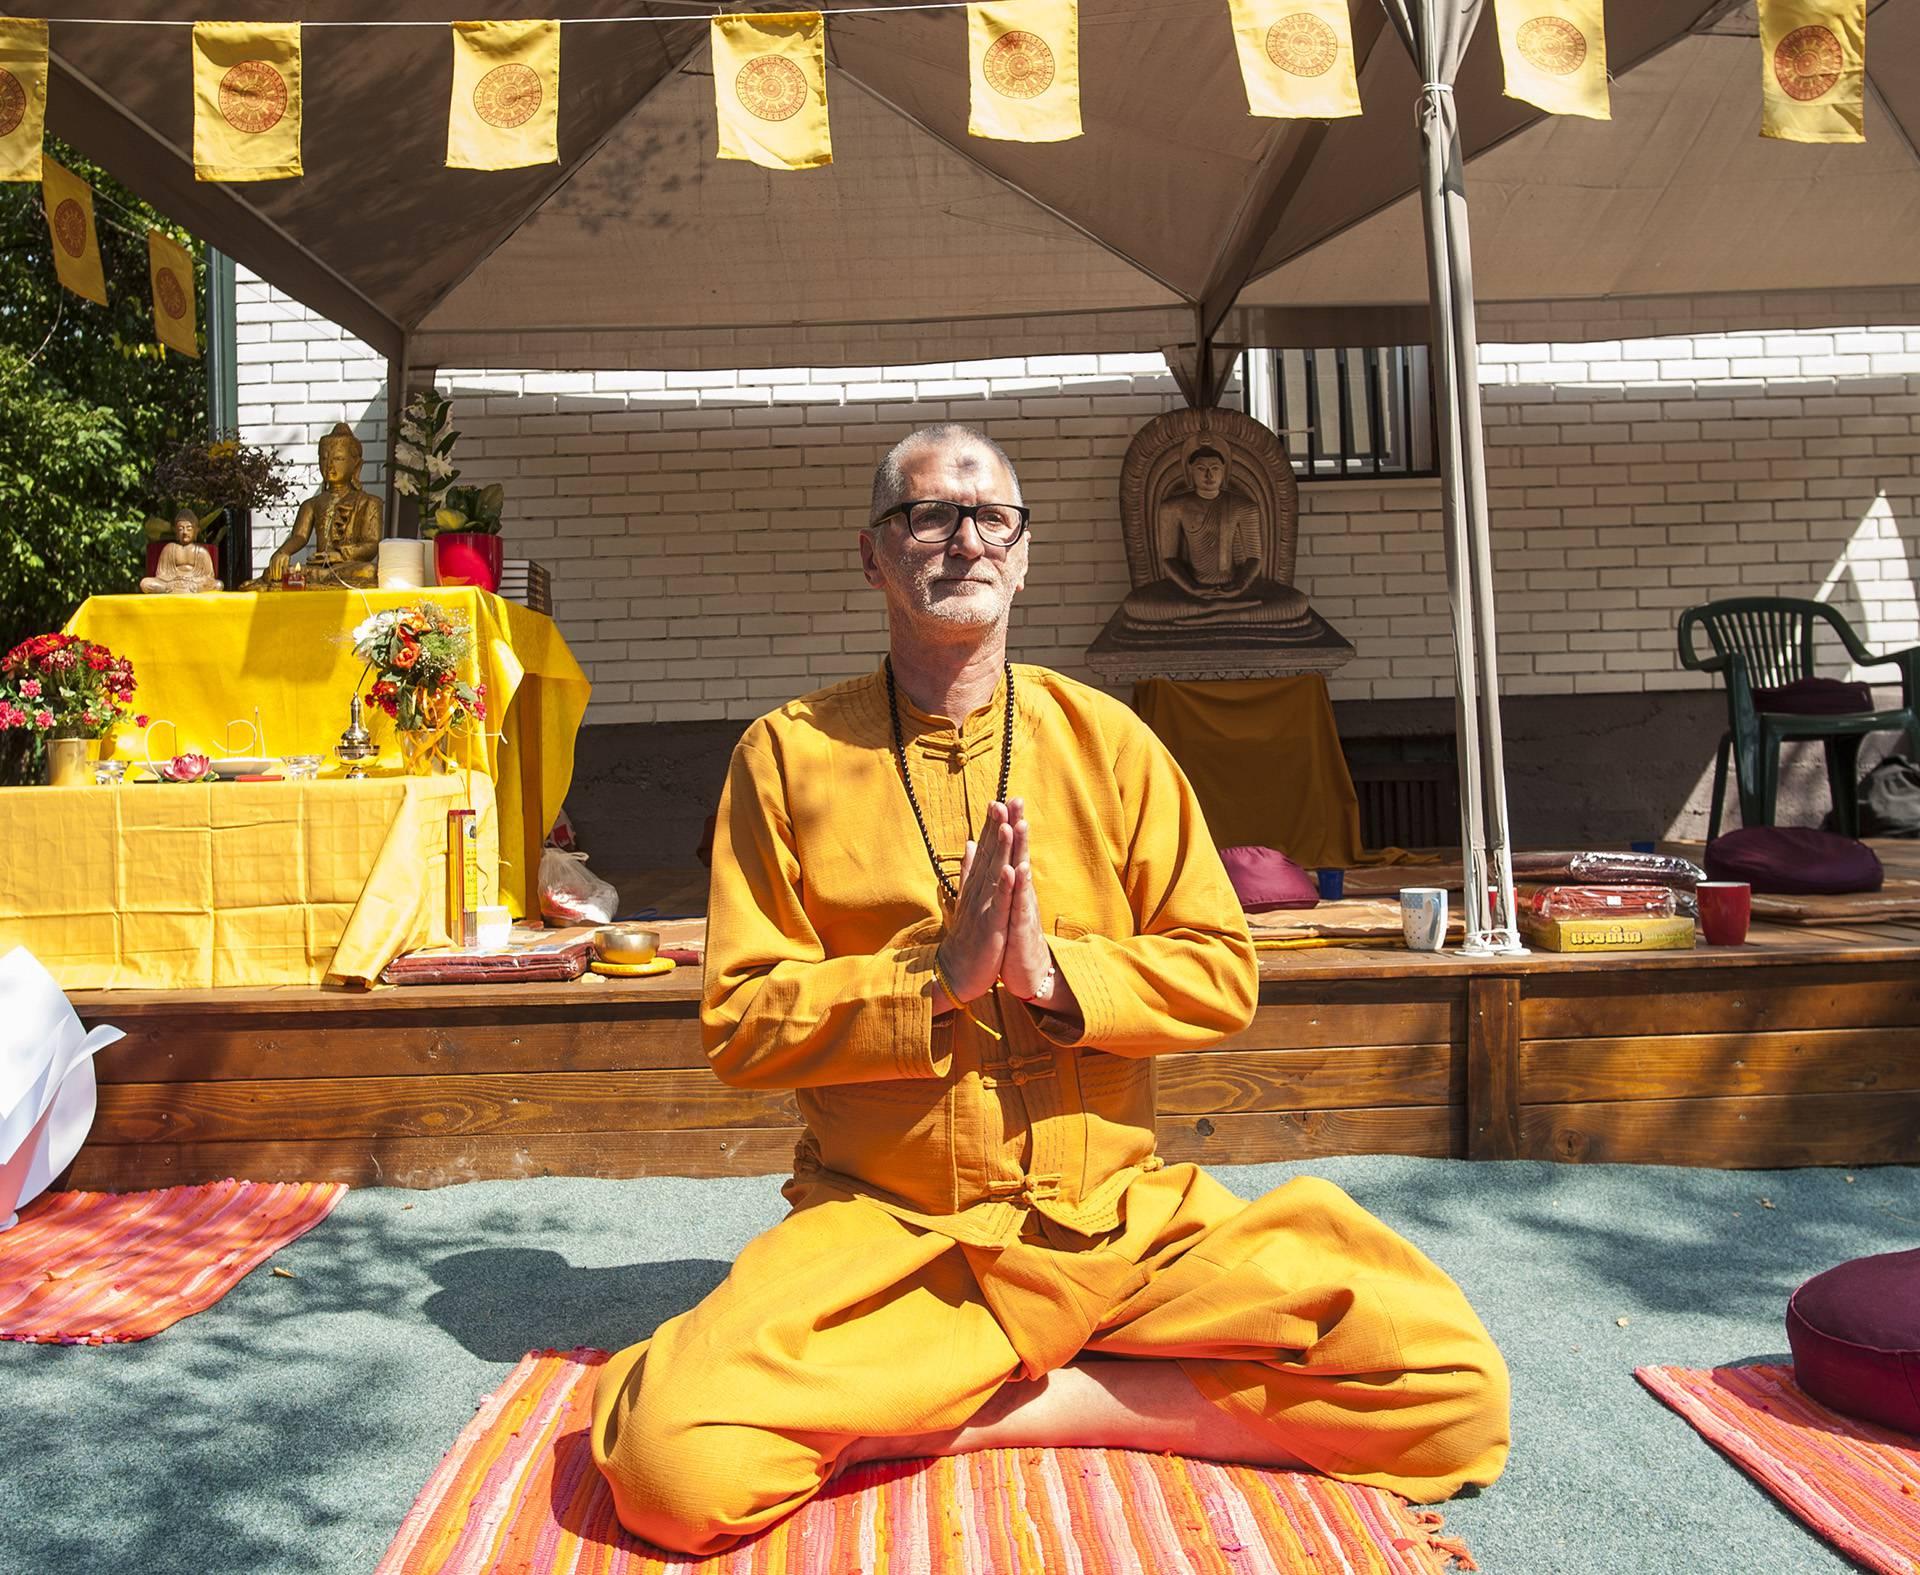 Postao potpredsjednik centra: Roker Gile sada moli i meditira